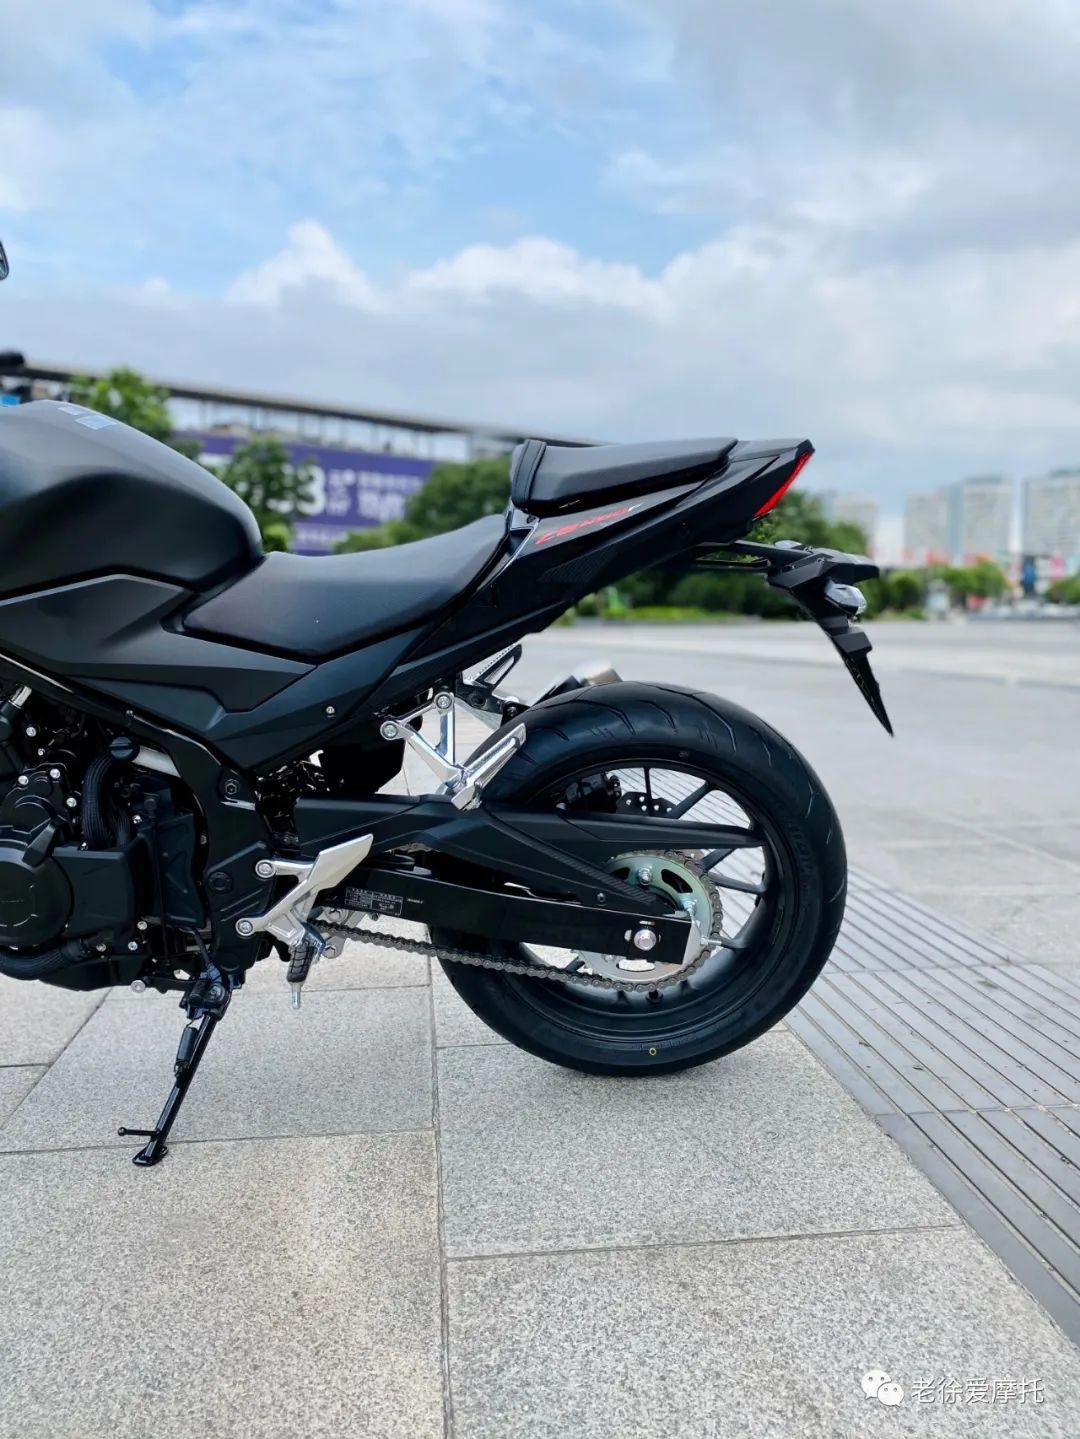 本田中排车型 - CB400F 入门级街车 实车介绍!-第58张图片-春风行摩托车之家